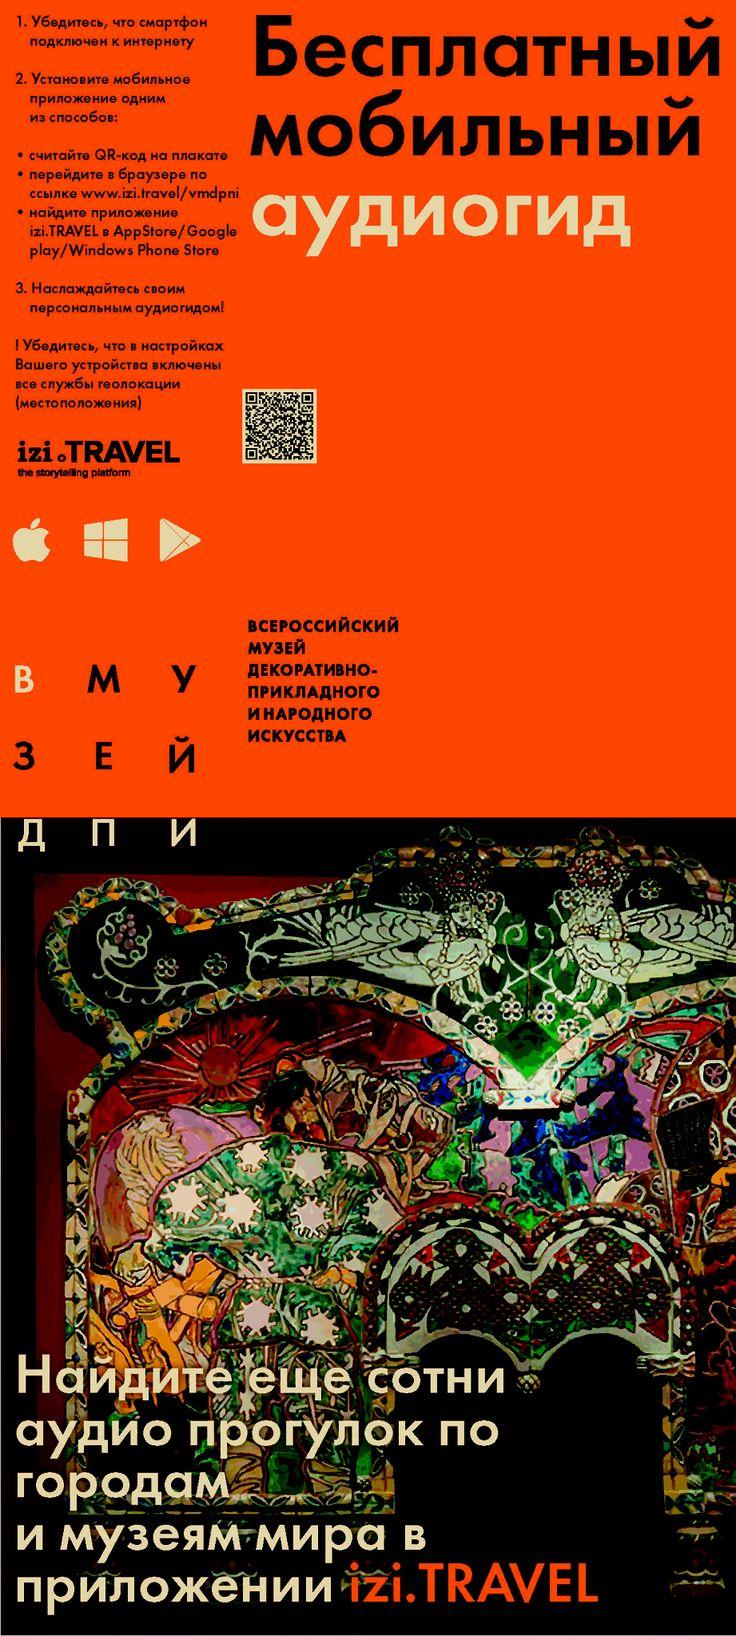 Всероссийский музей декоративно-прикладного искусства запустил бесплатный аудиогид @izitravel по экспозиции и пешеходную экскурсию от метро Цветной Бульвар до здания музея. Доступен для моб. Устройств на iOS/android/windowsphone